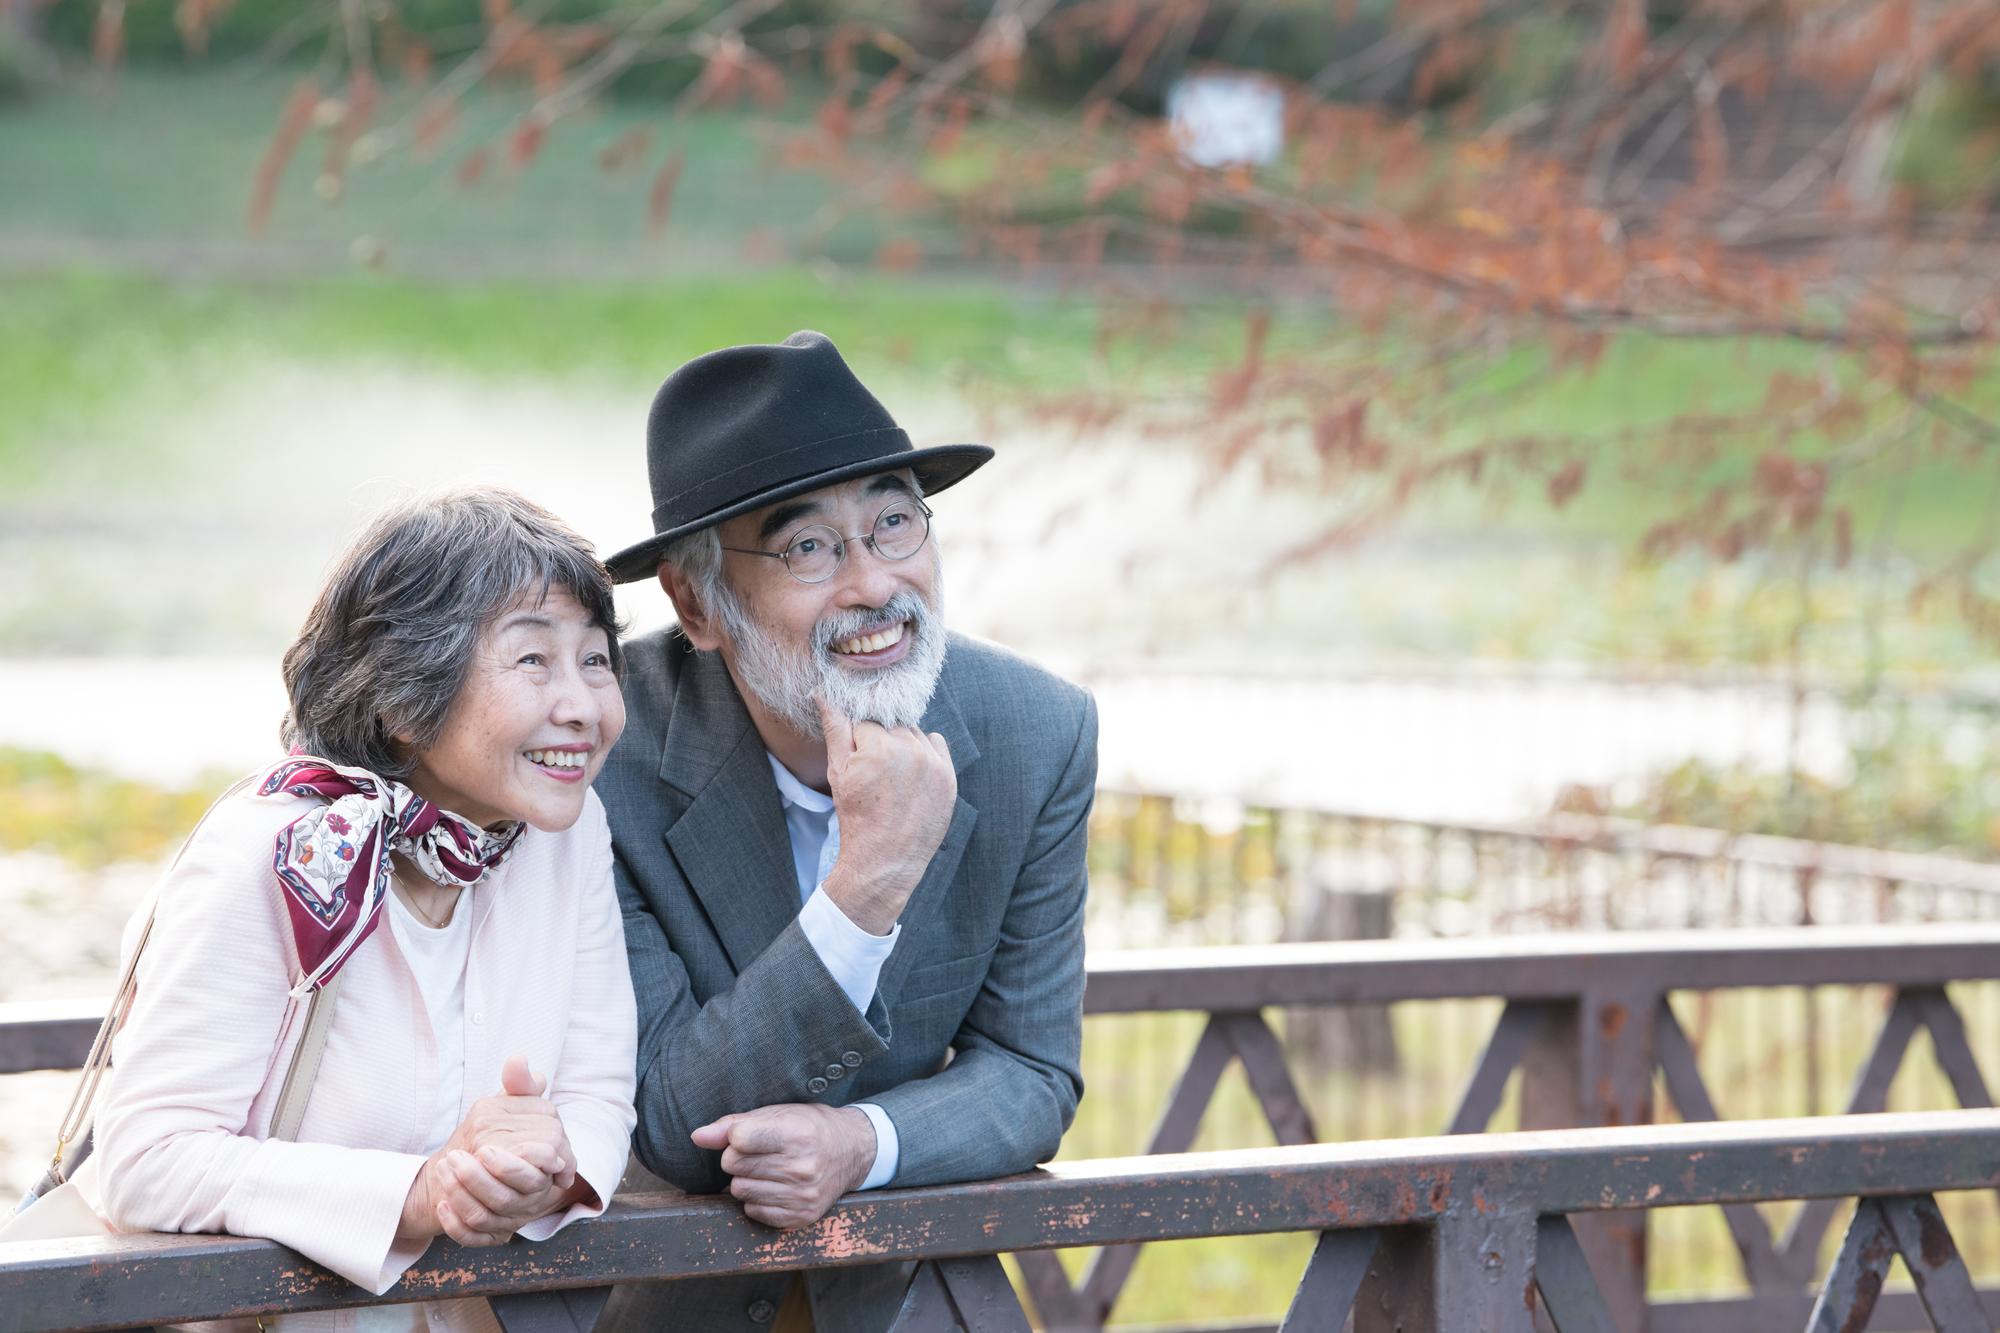 内縁の妻や子どもに財産を相続する2つの方法 - 相続オナヤミ相談 花沢事務所